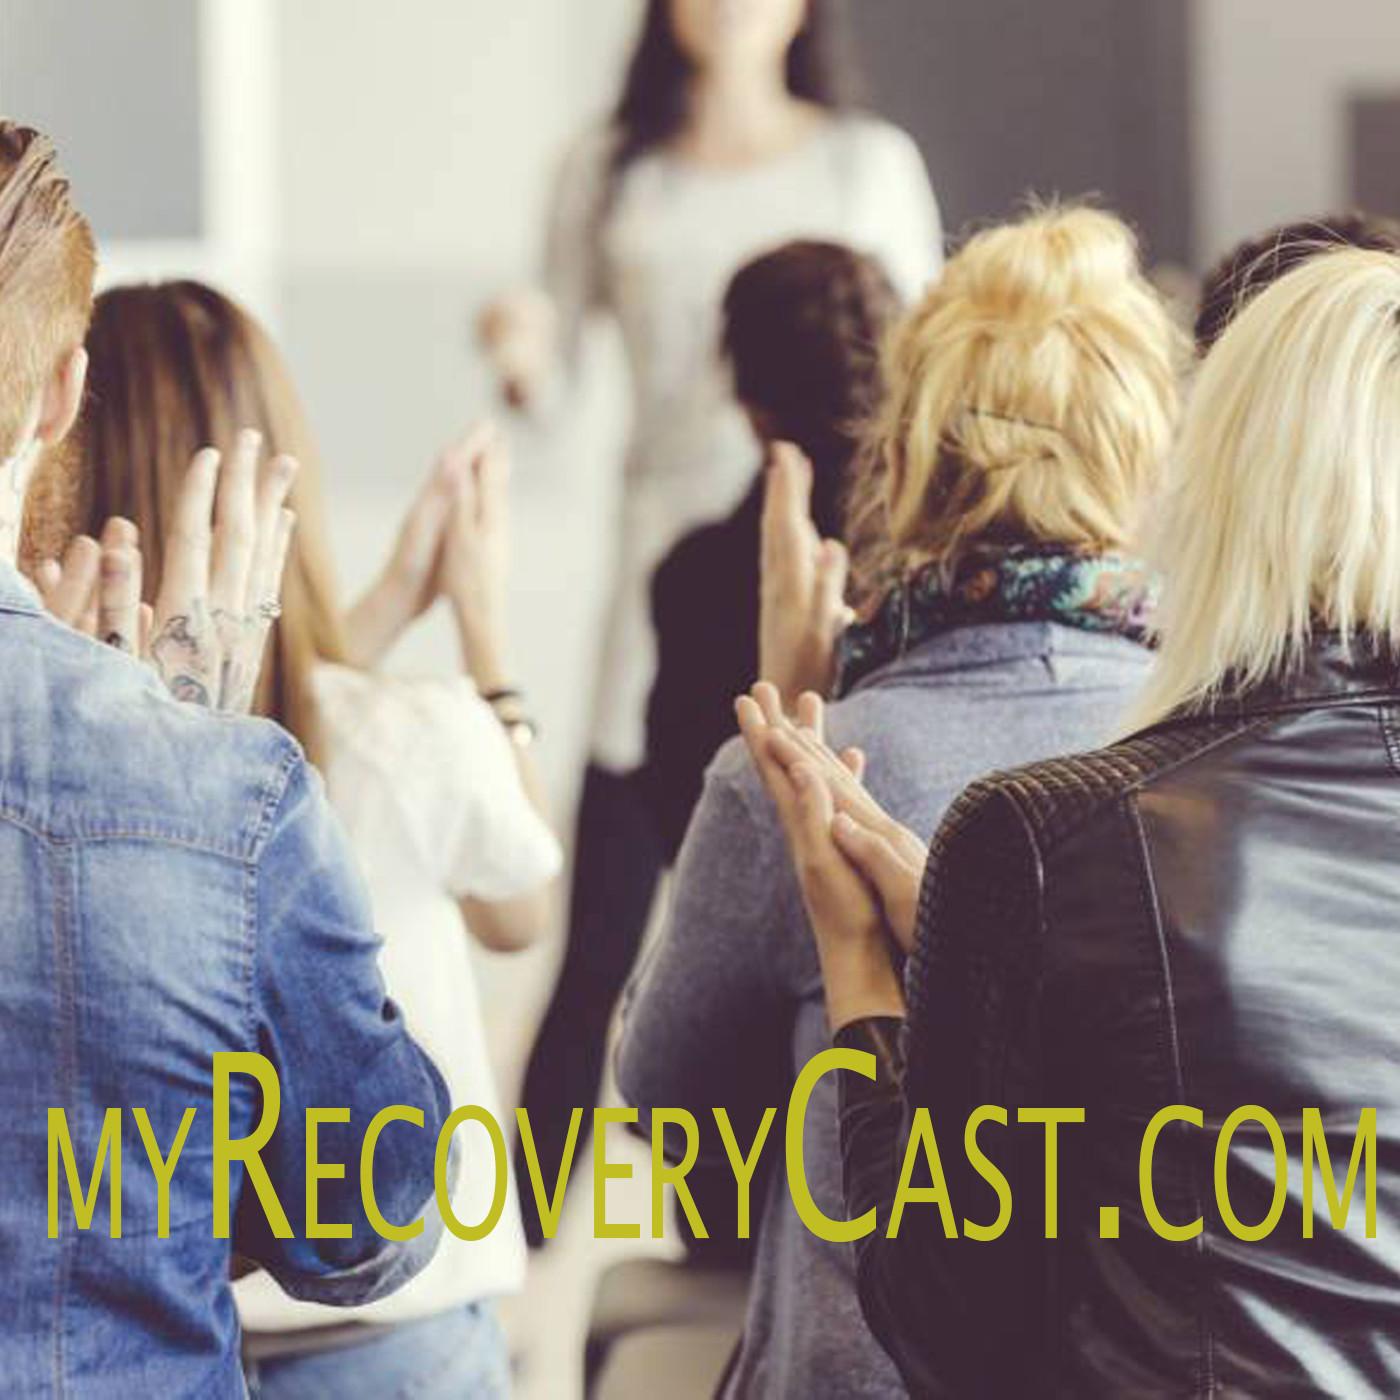 myRecoveryCast